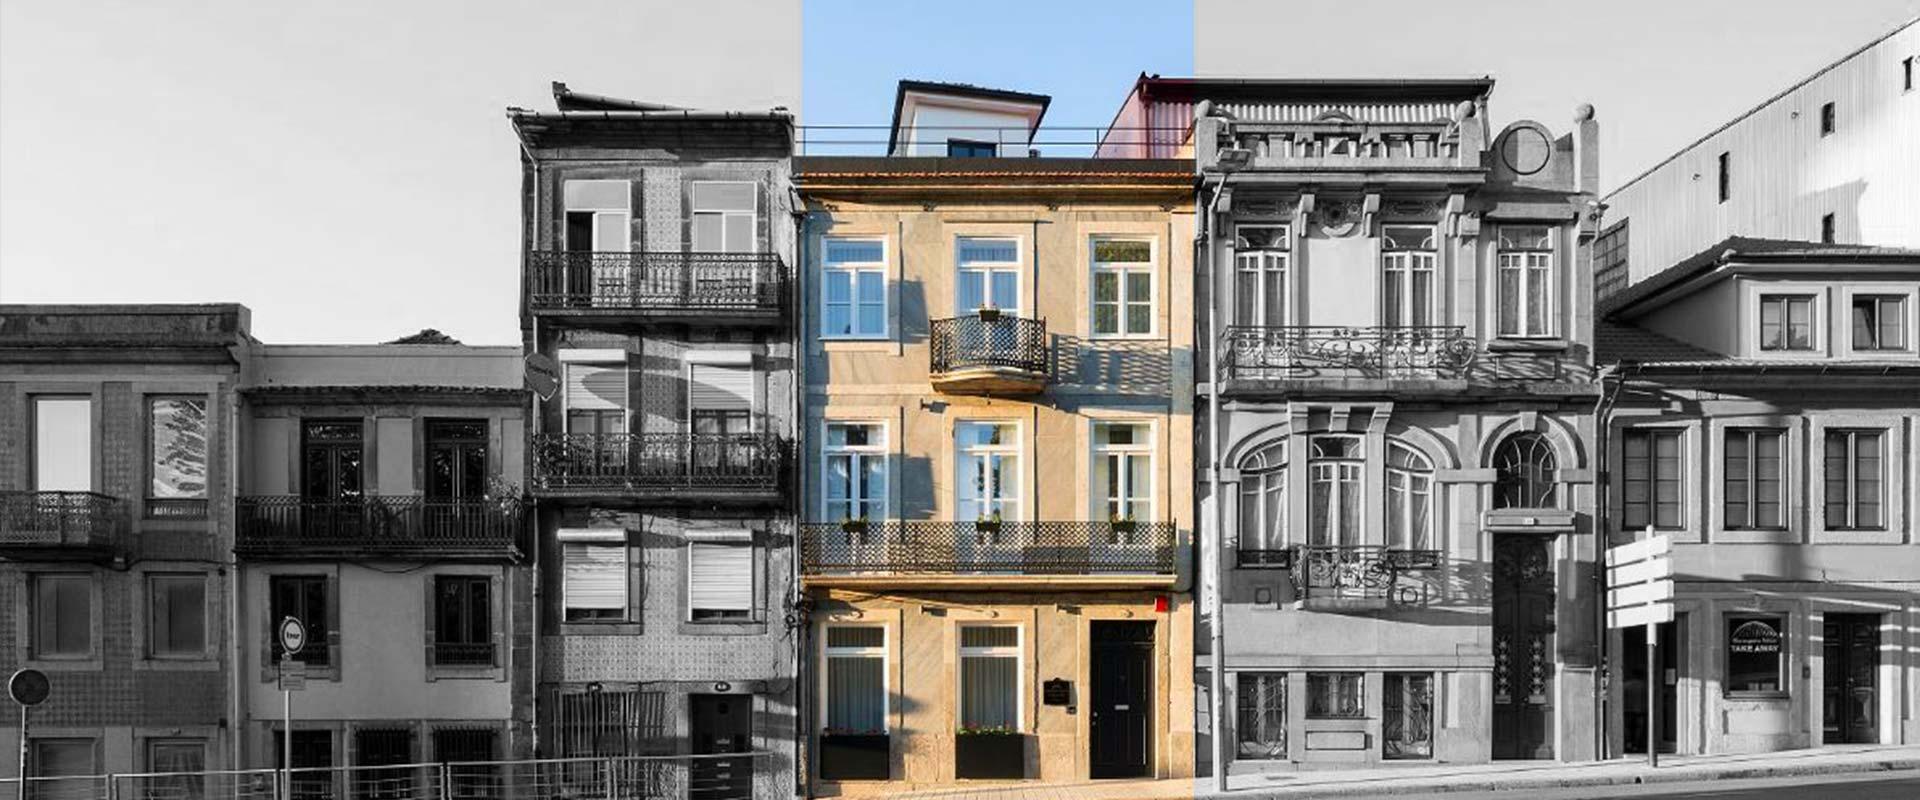 Reabilitação de casas: descubra os vários tipos de intervenções possíveis